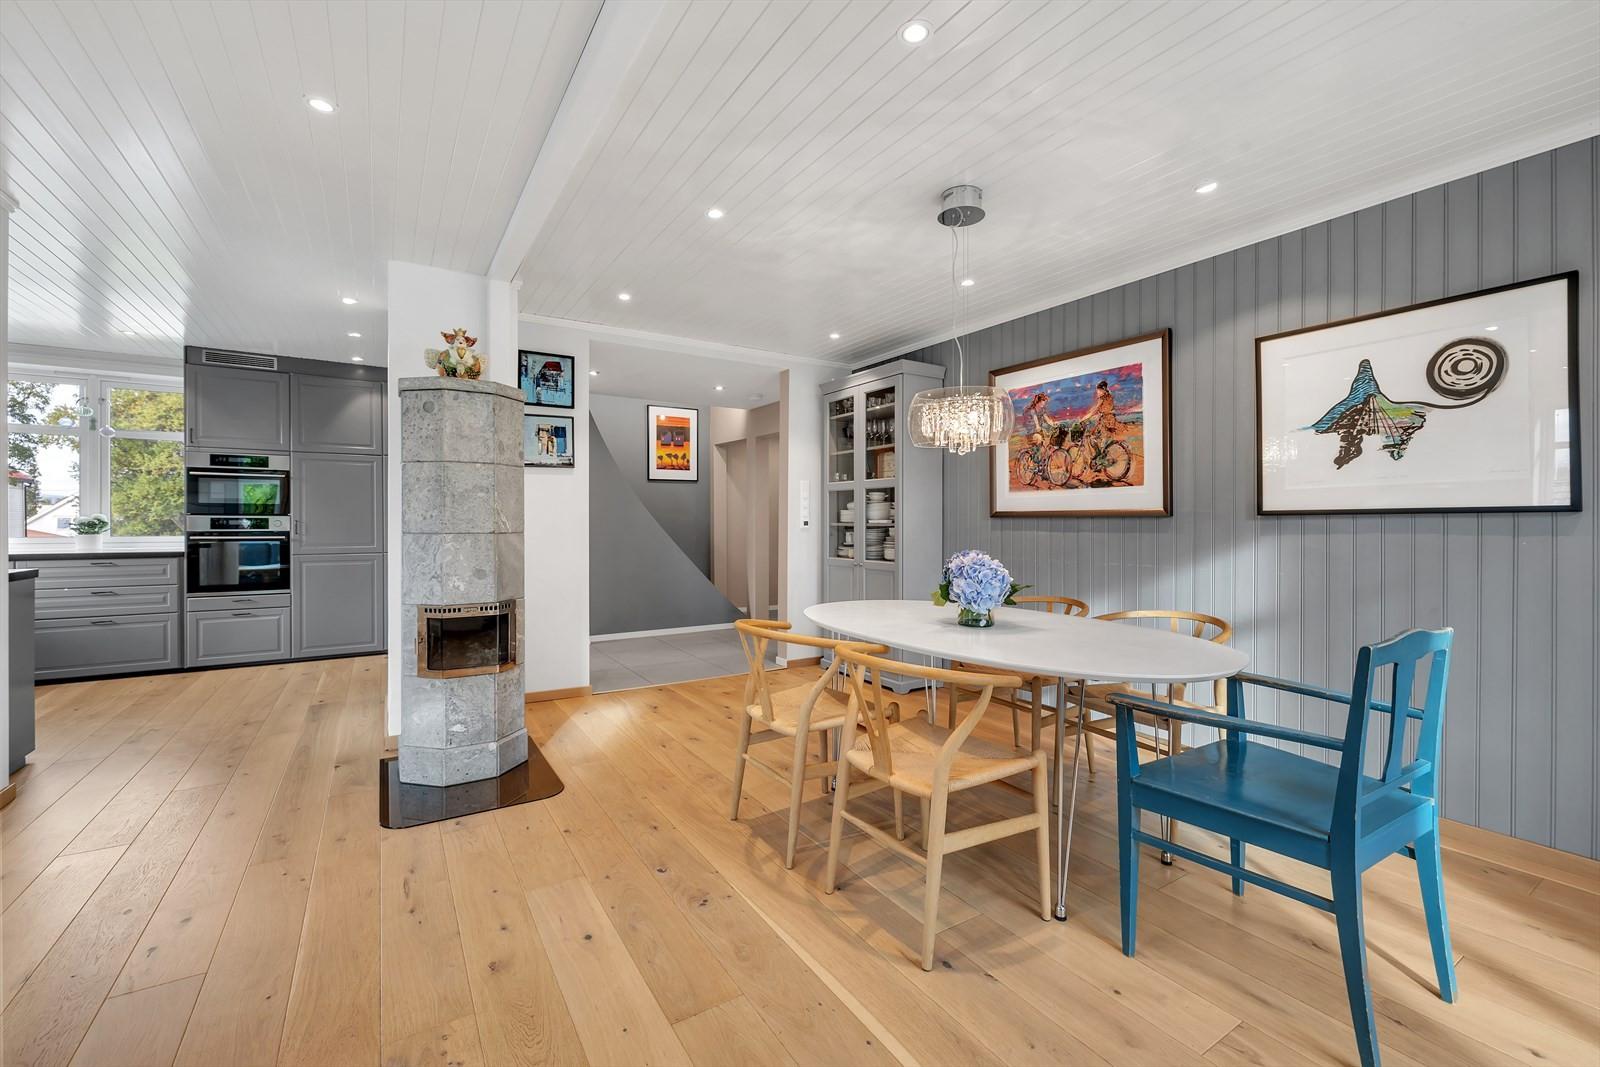 Tilbake i stuen ser du en flott klebersteinsovn strategisk plassert mellom spise- og dagligstue